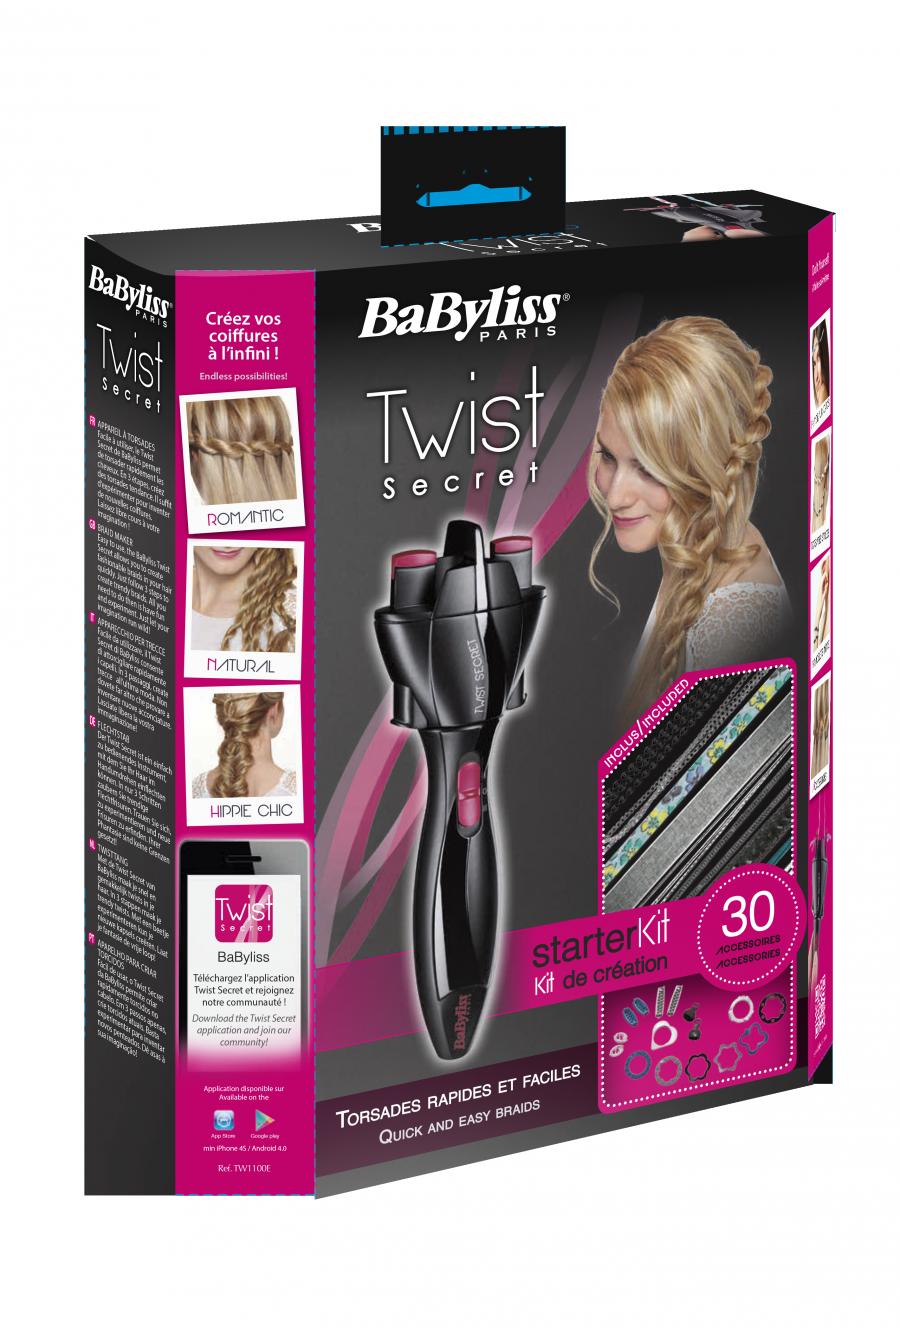 Twist Secret di Babyliss: un accessorio divertente e utile per creare acconciature molto particolari in pochi secondi